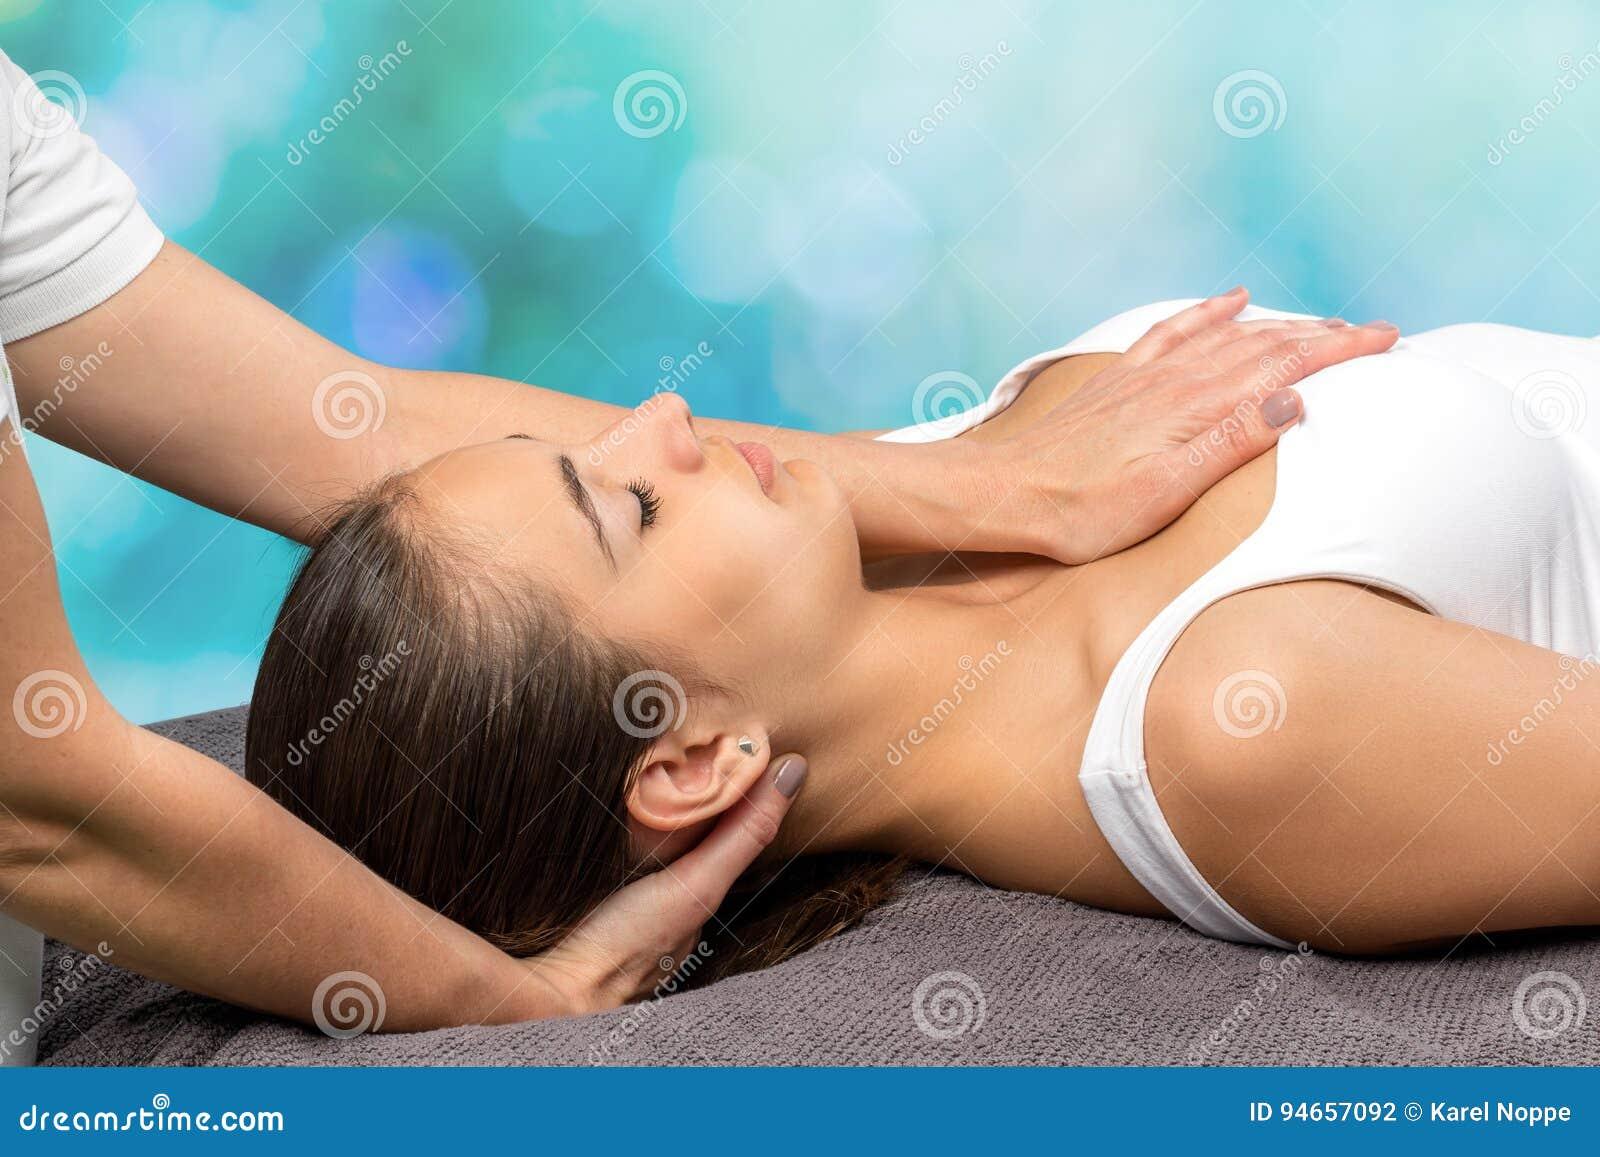 Mujer que recibe terapia fisia en cuello y pecho